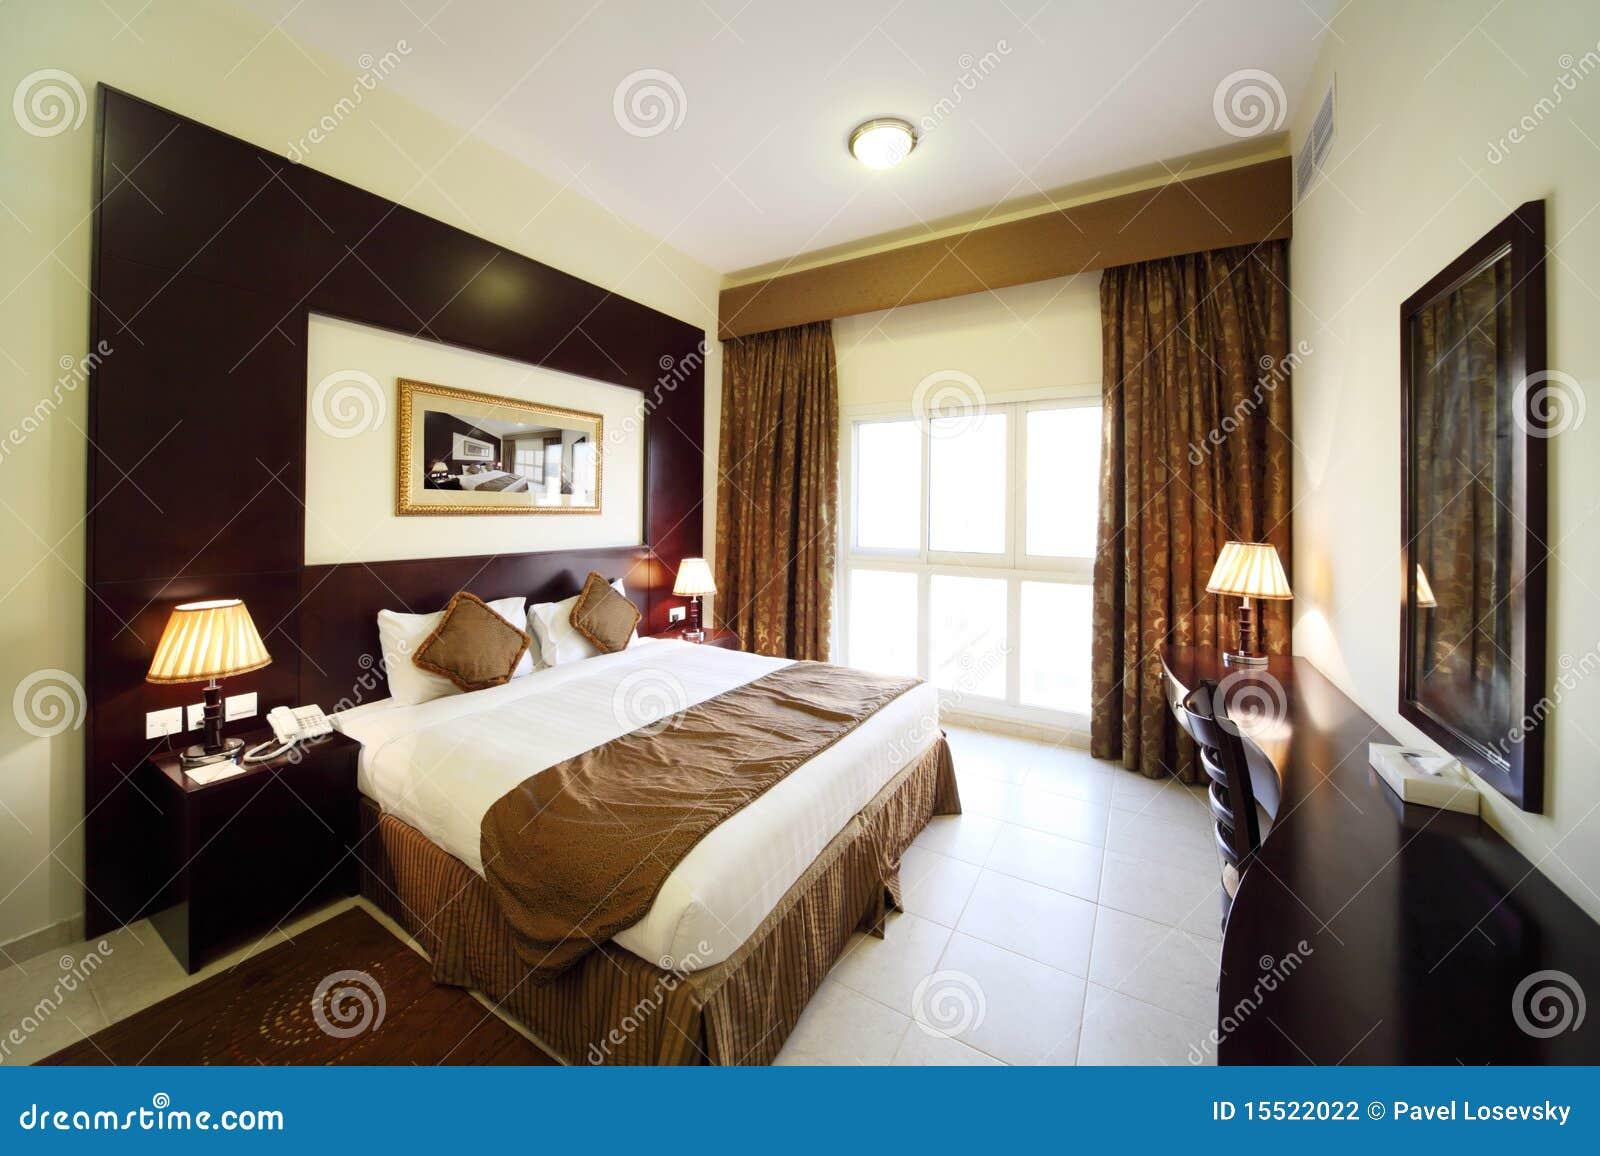 Slaapkamer met geopend gordijn groot tweepersoonsbed stock ...